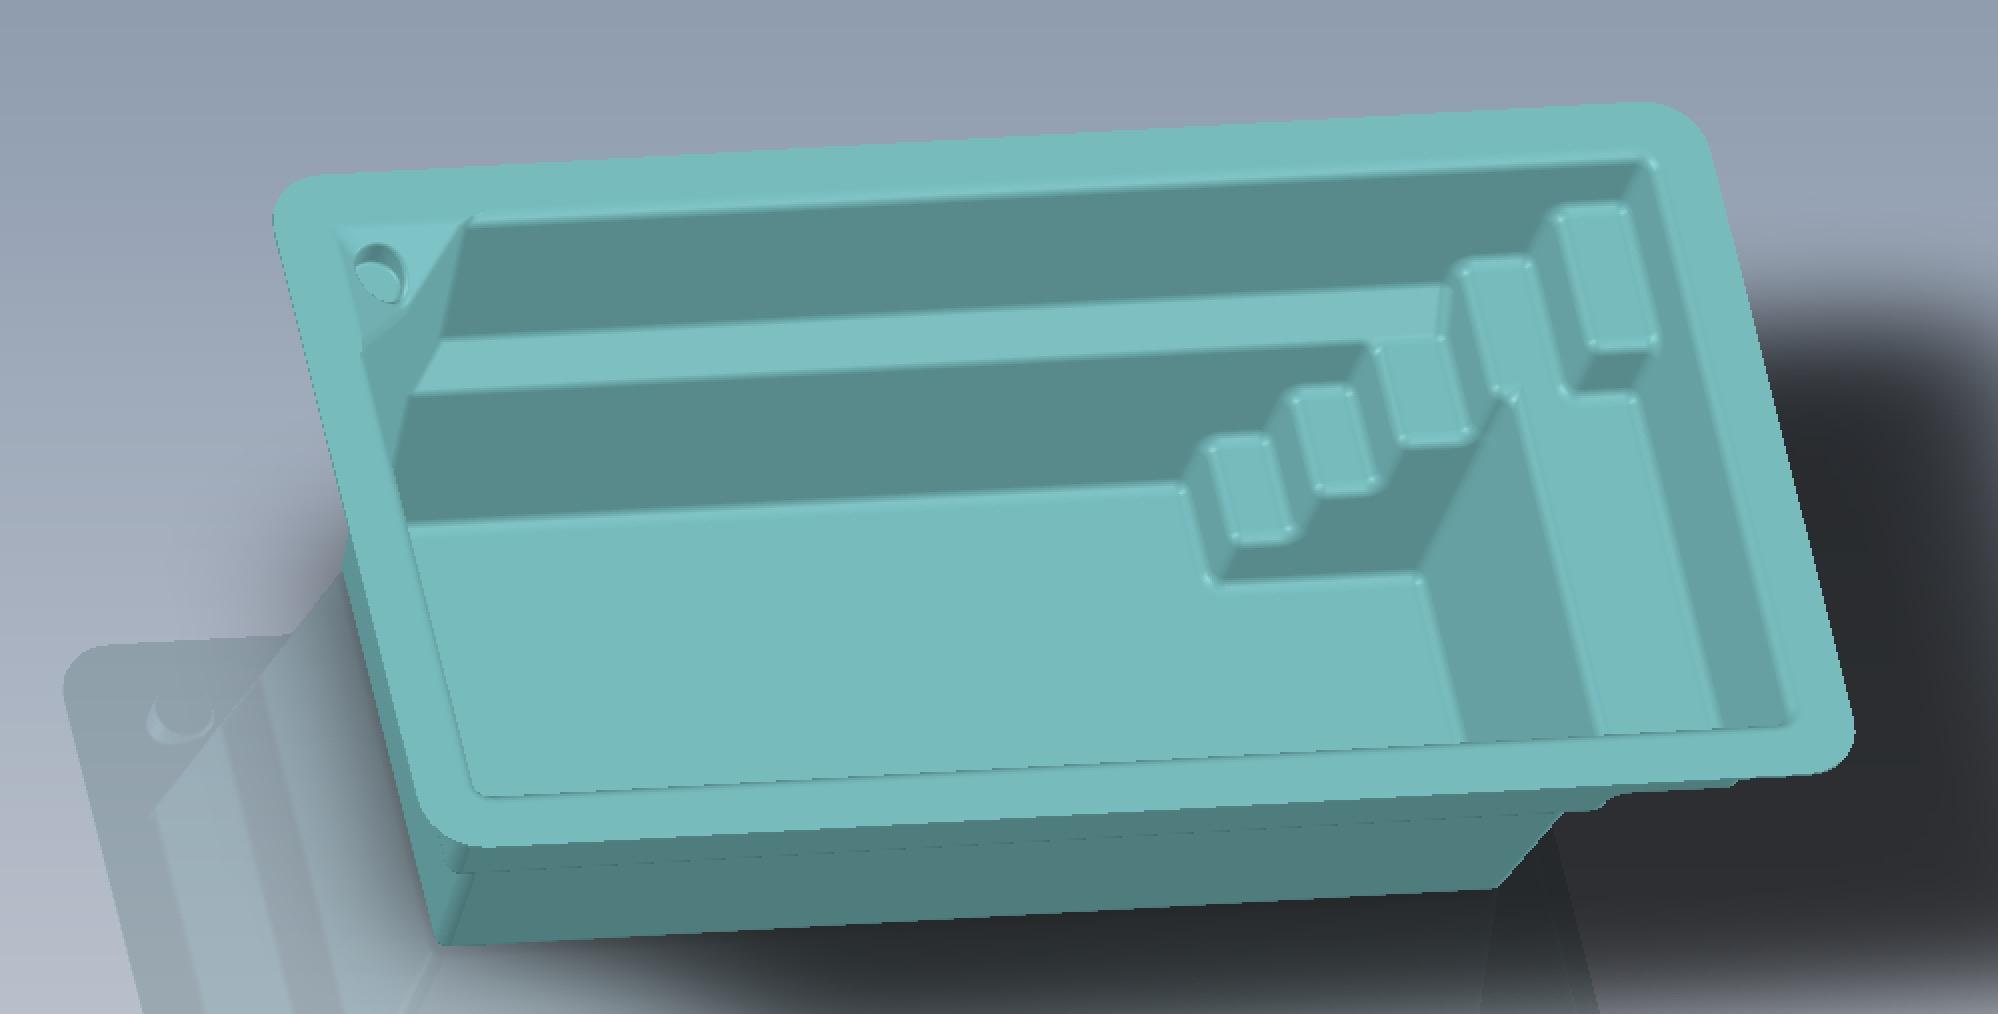 Mini Piscine Starlite Moins De 10M2 Sans Déclaration ... pour Mini Piscine Coque 10M2